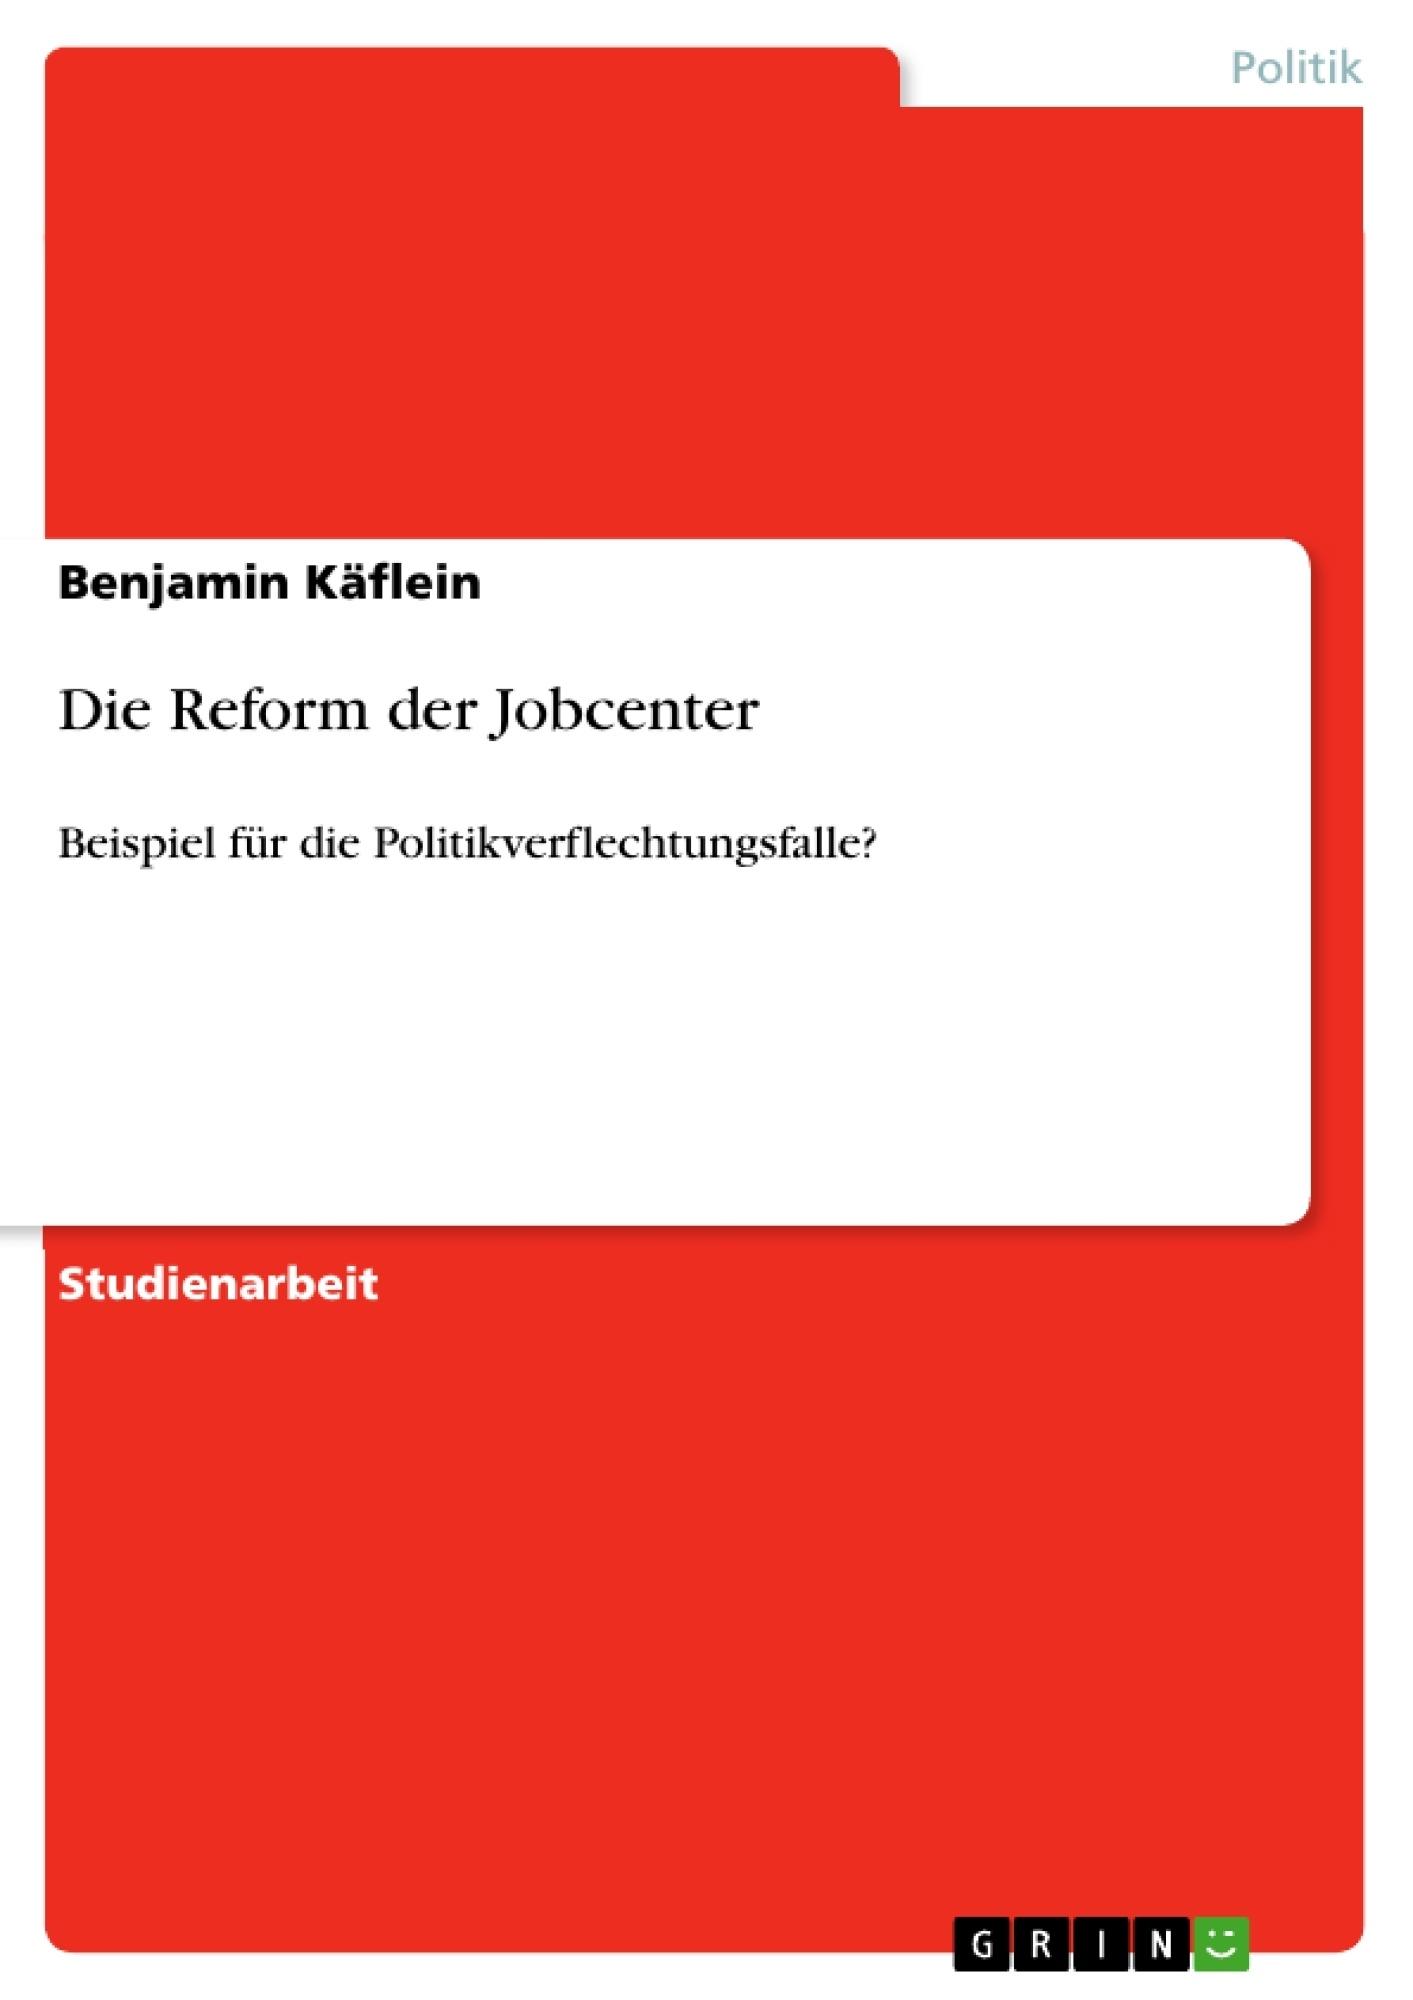 Titel: Die Reform der Jobcenter